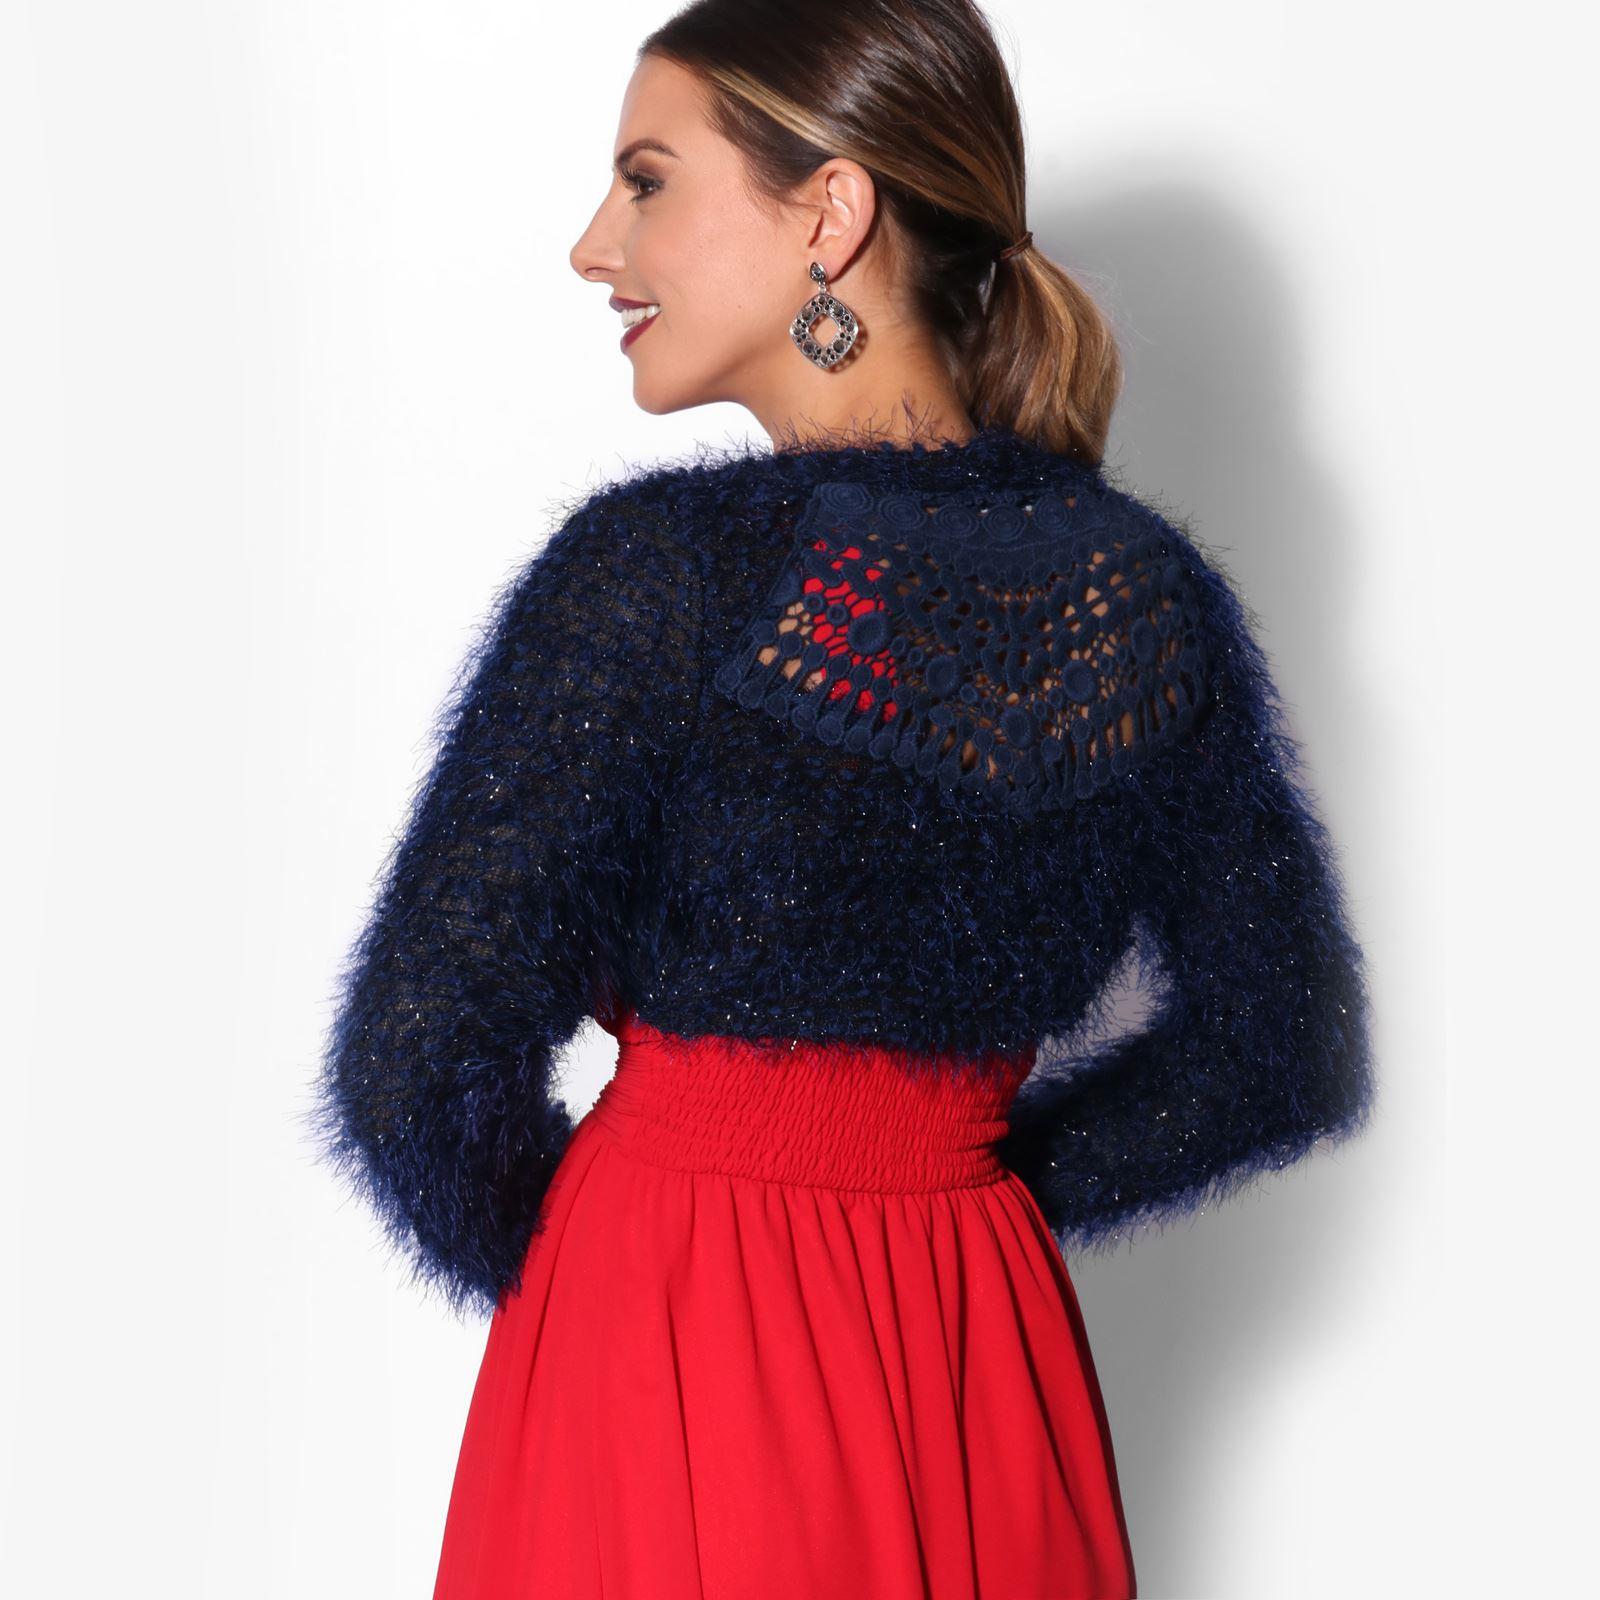 KRISP-Damen-Bolero-Jacke-Kurzes-Jaeckchen-Elegante-Schulterjacke-Blazer-Frauen Indexbild 3